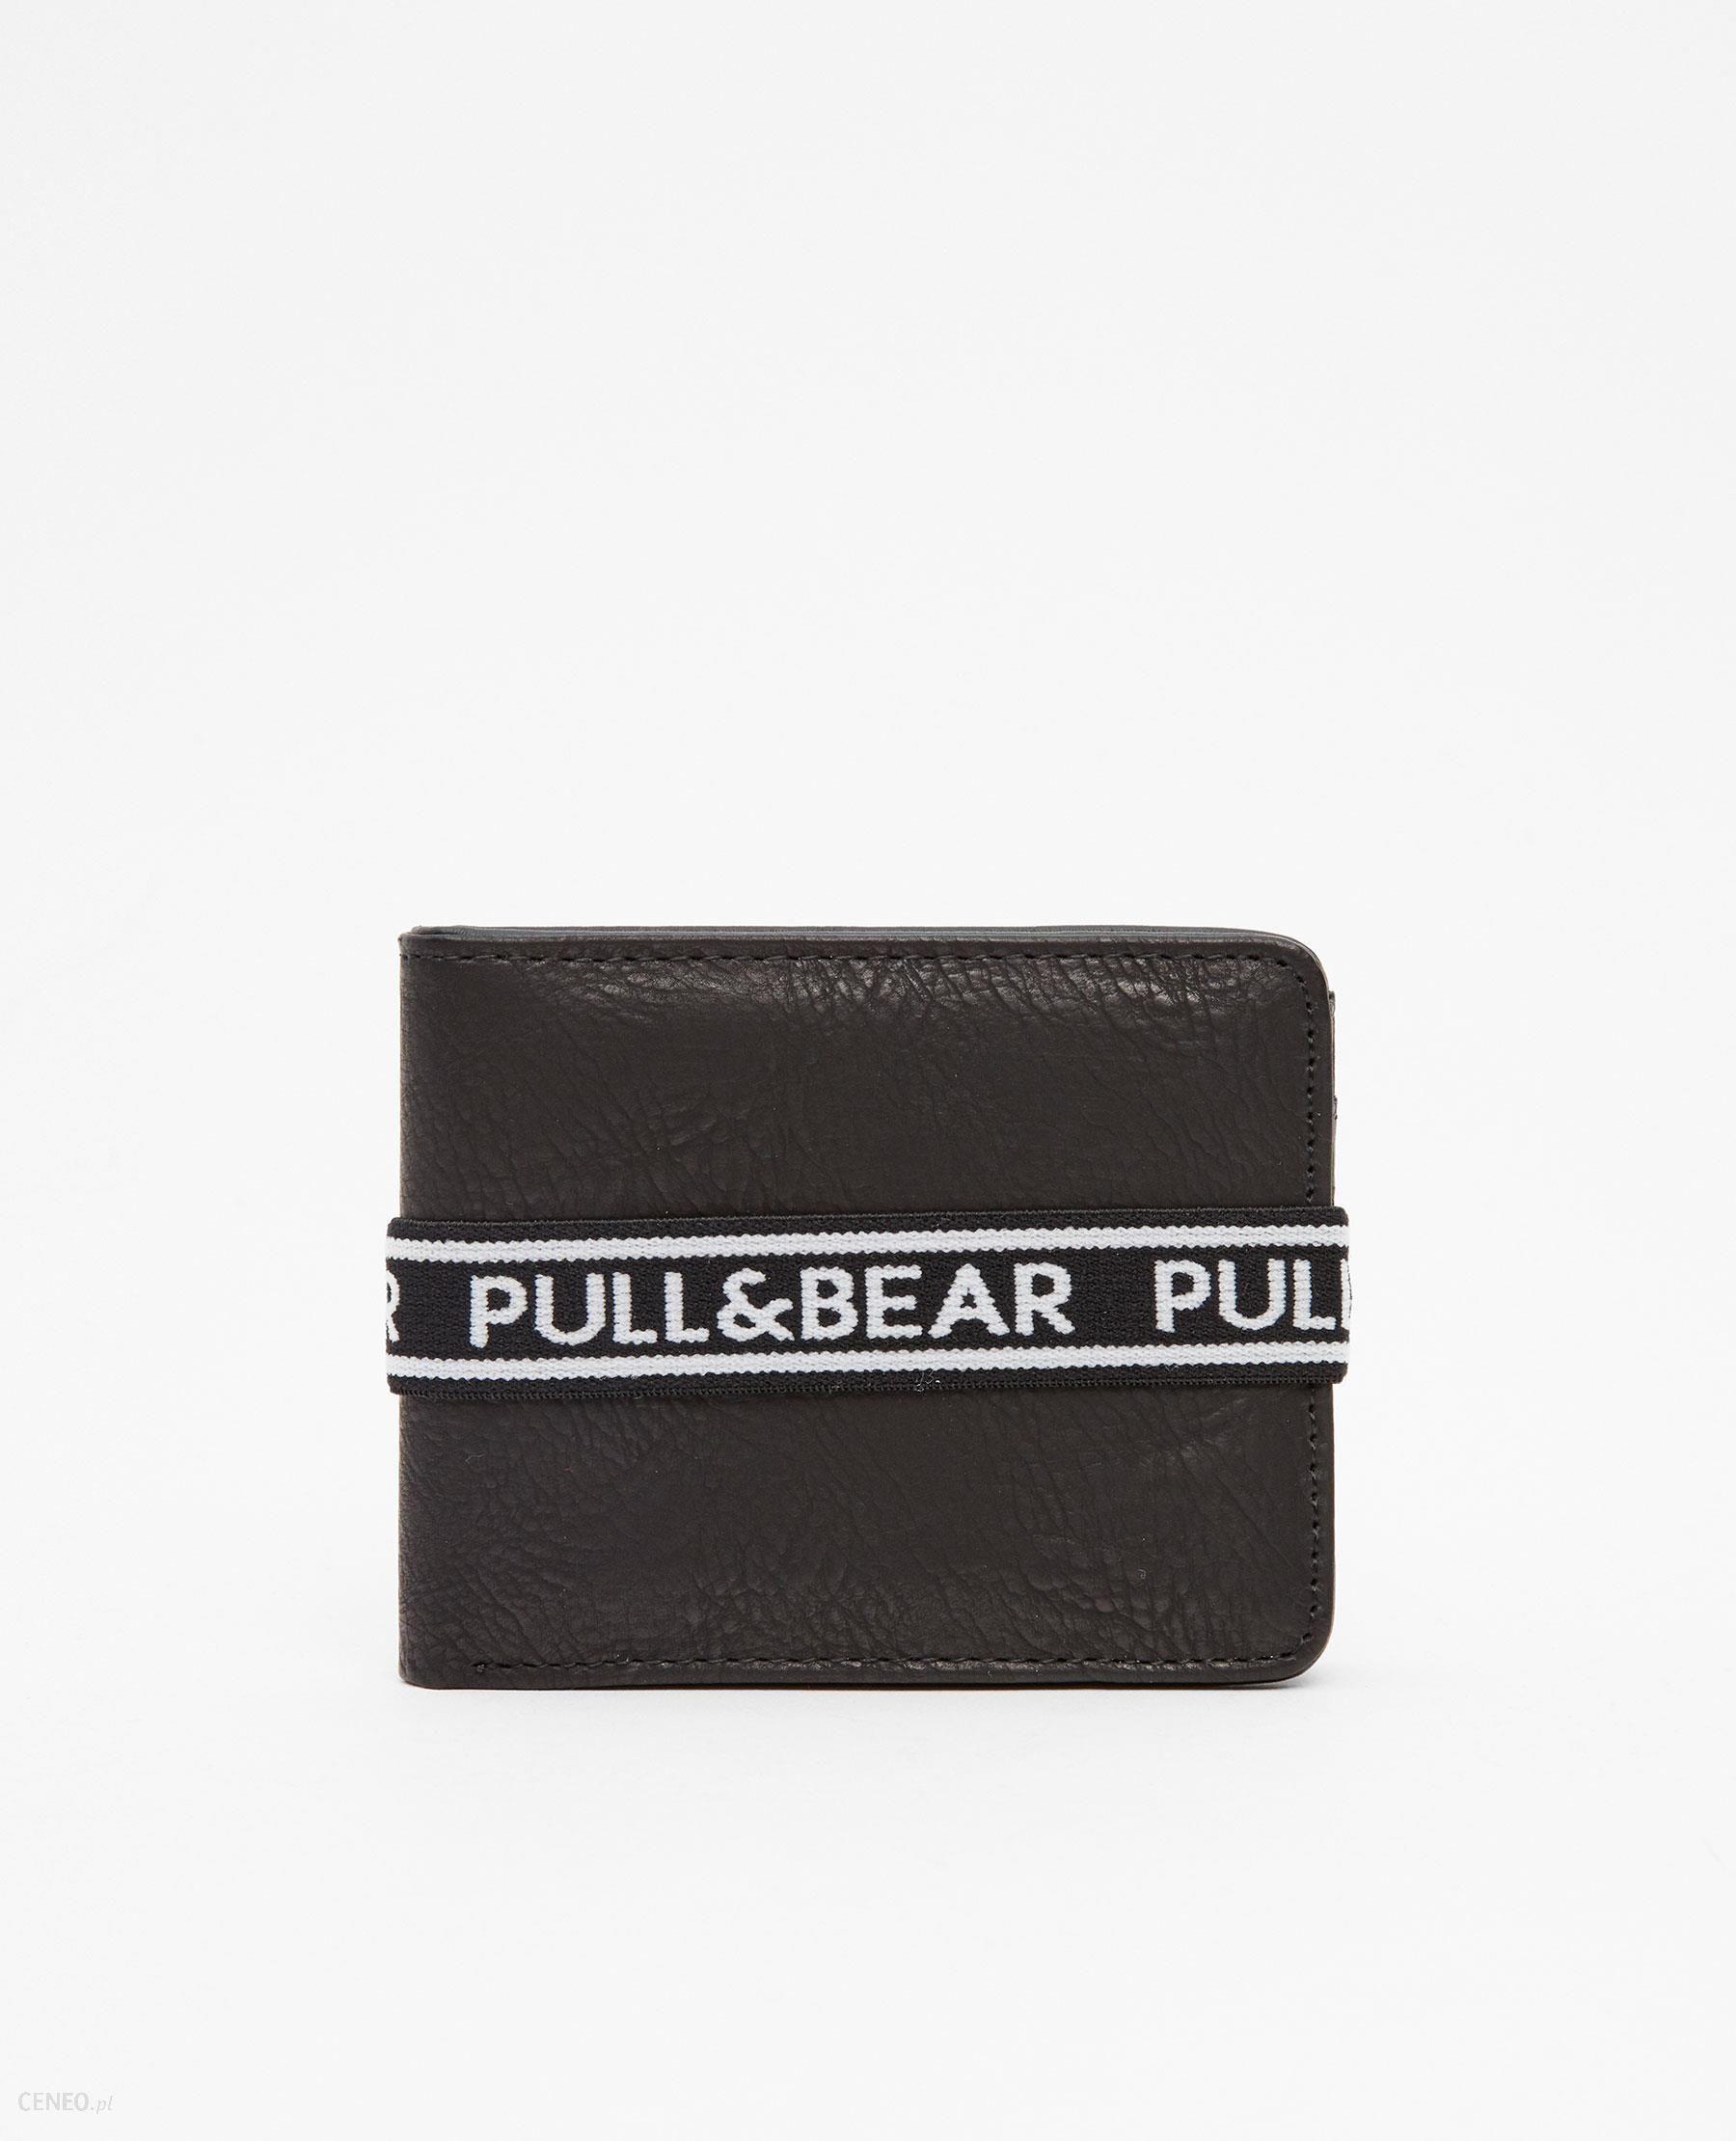 52c2b95a6d8be Pull   Bear Czarny portfel z gumką z logo - Ceny i opinie - Ceneo.pl